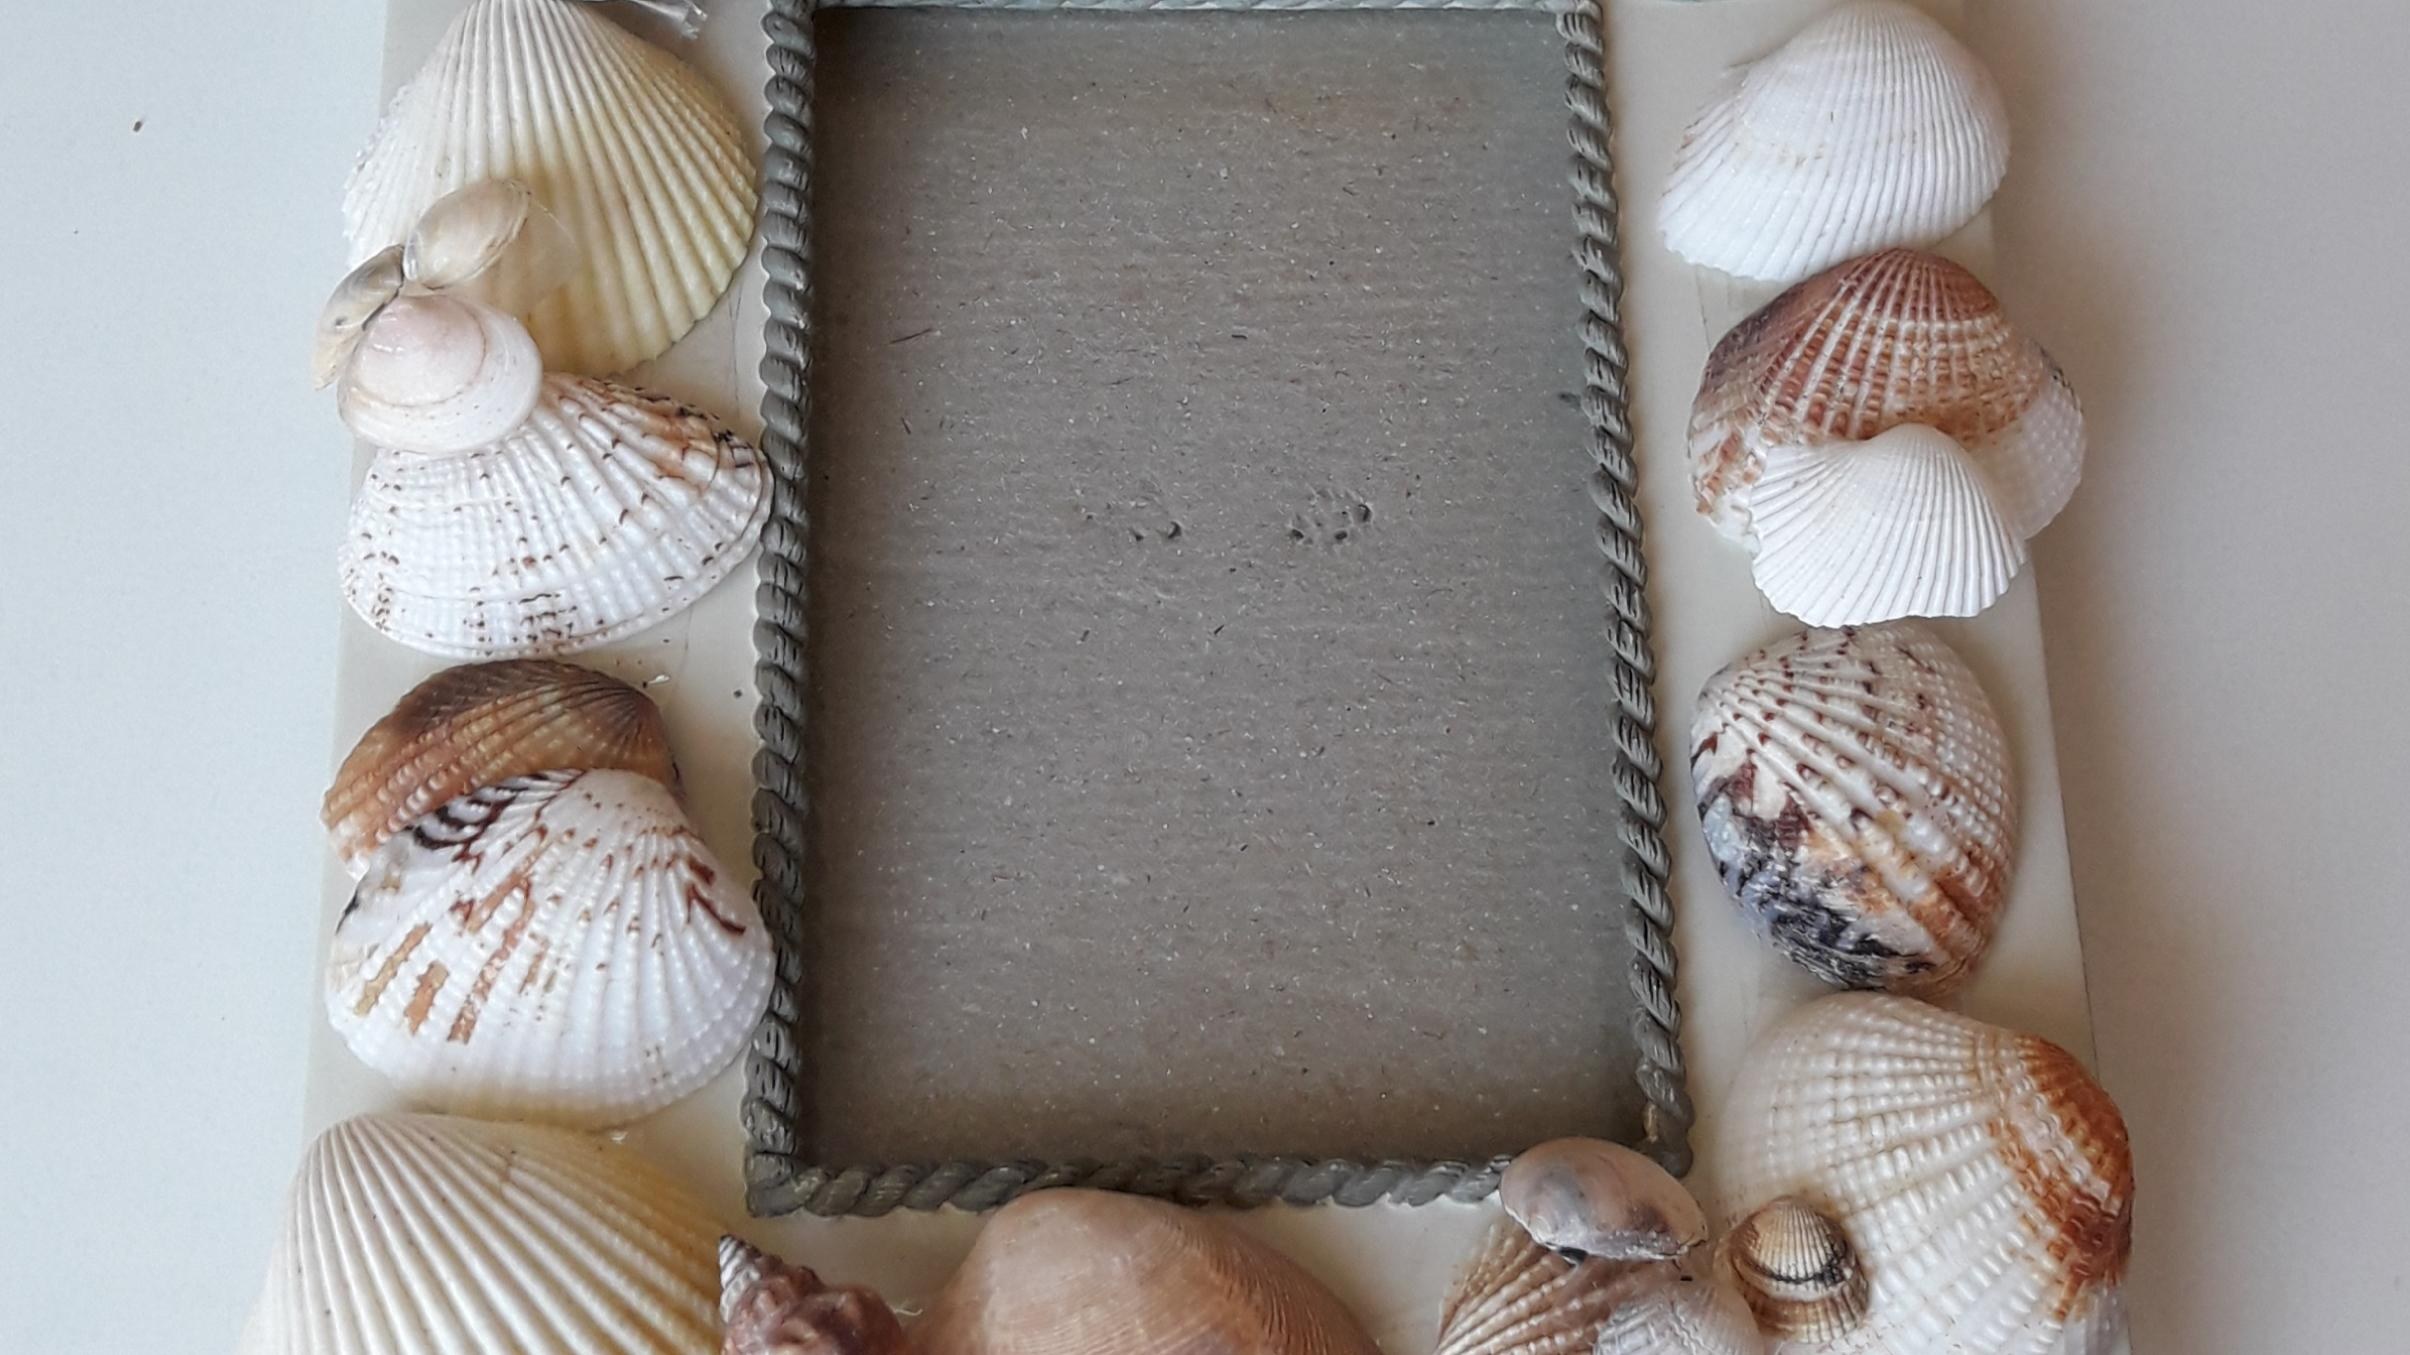 Muscheln eignen sich auch gut dafür, alte Bilderrahmen aufzuhübschen.